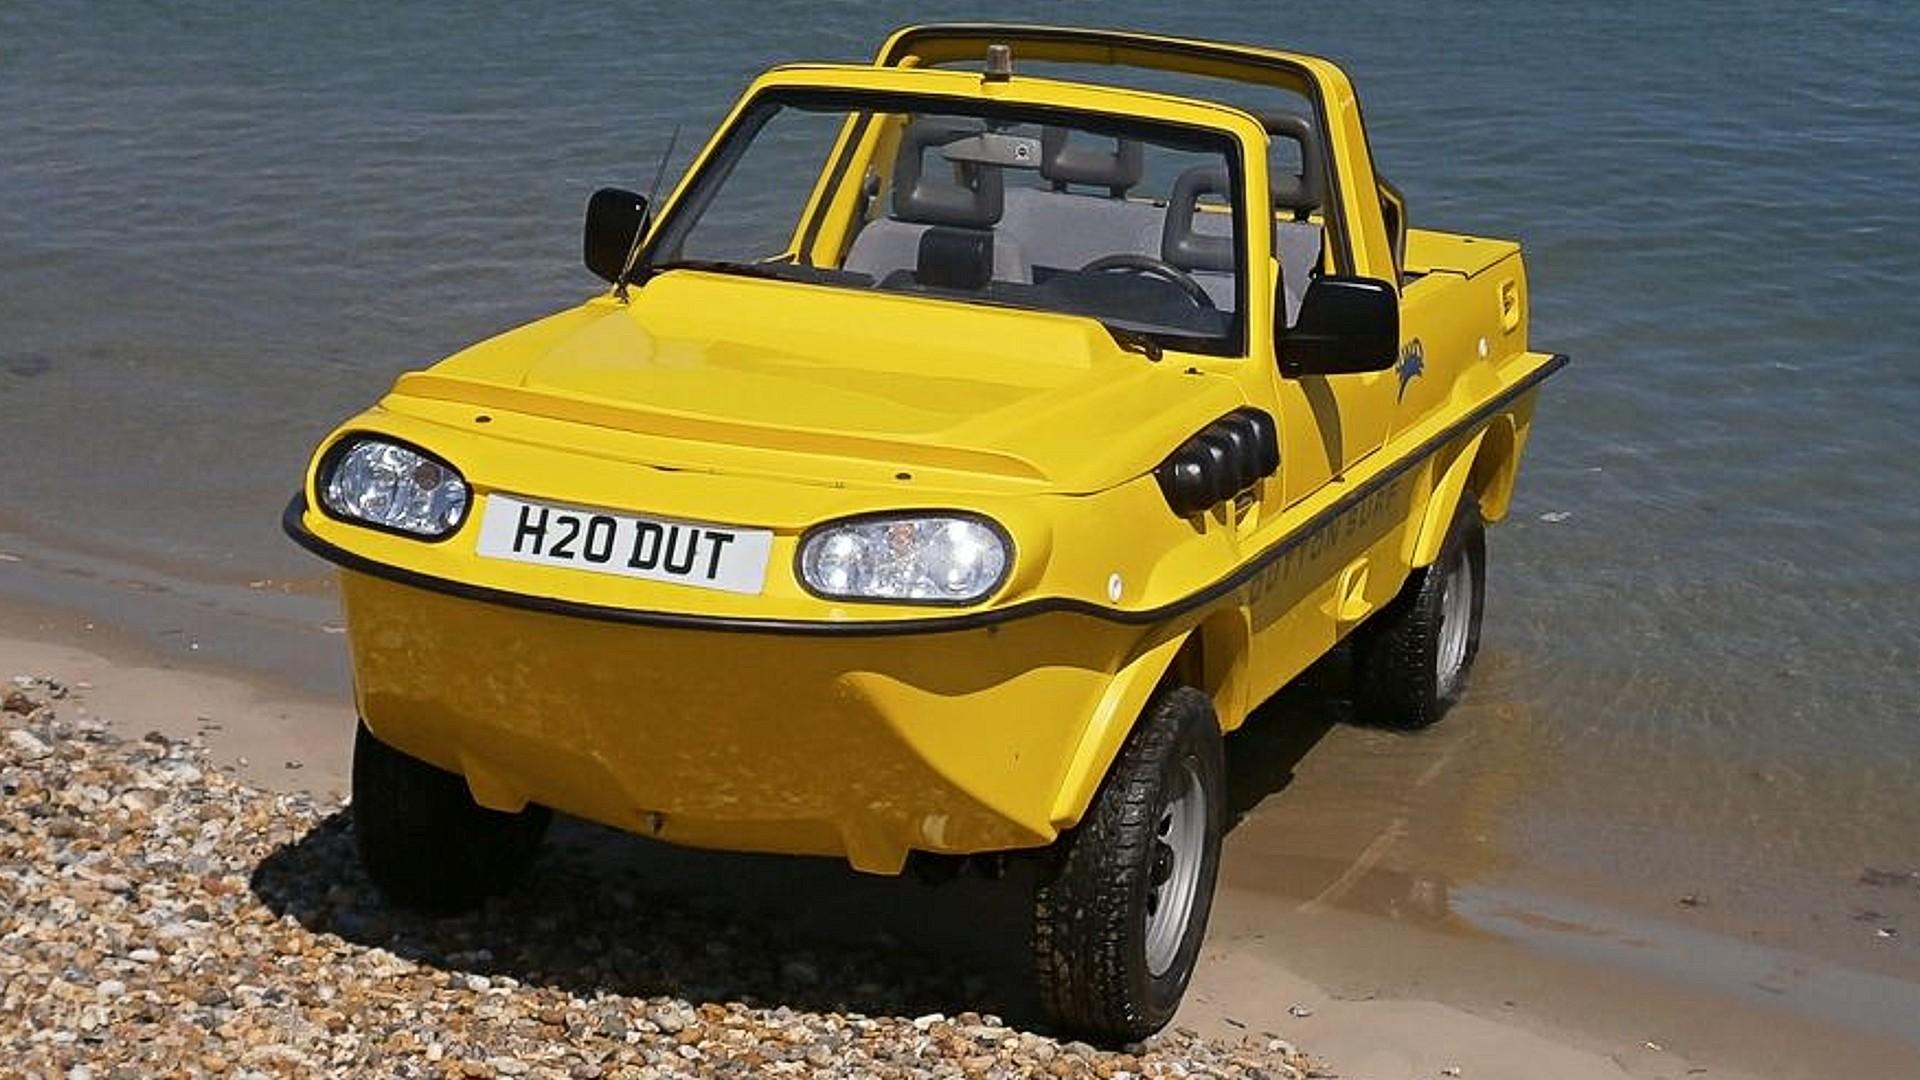 Британская фирма Dutton предлагает комплект доработок, превращающий старый Suzuki Jimny в амфибию: модернизированный внедорожник может не только преодолевать брод, но и плавать.